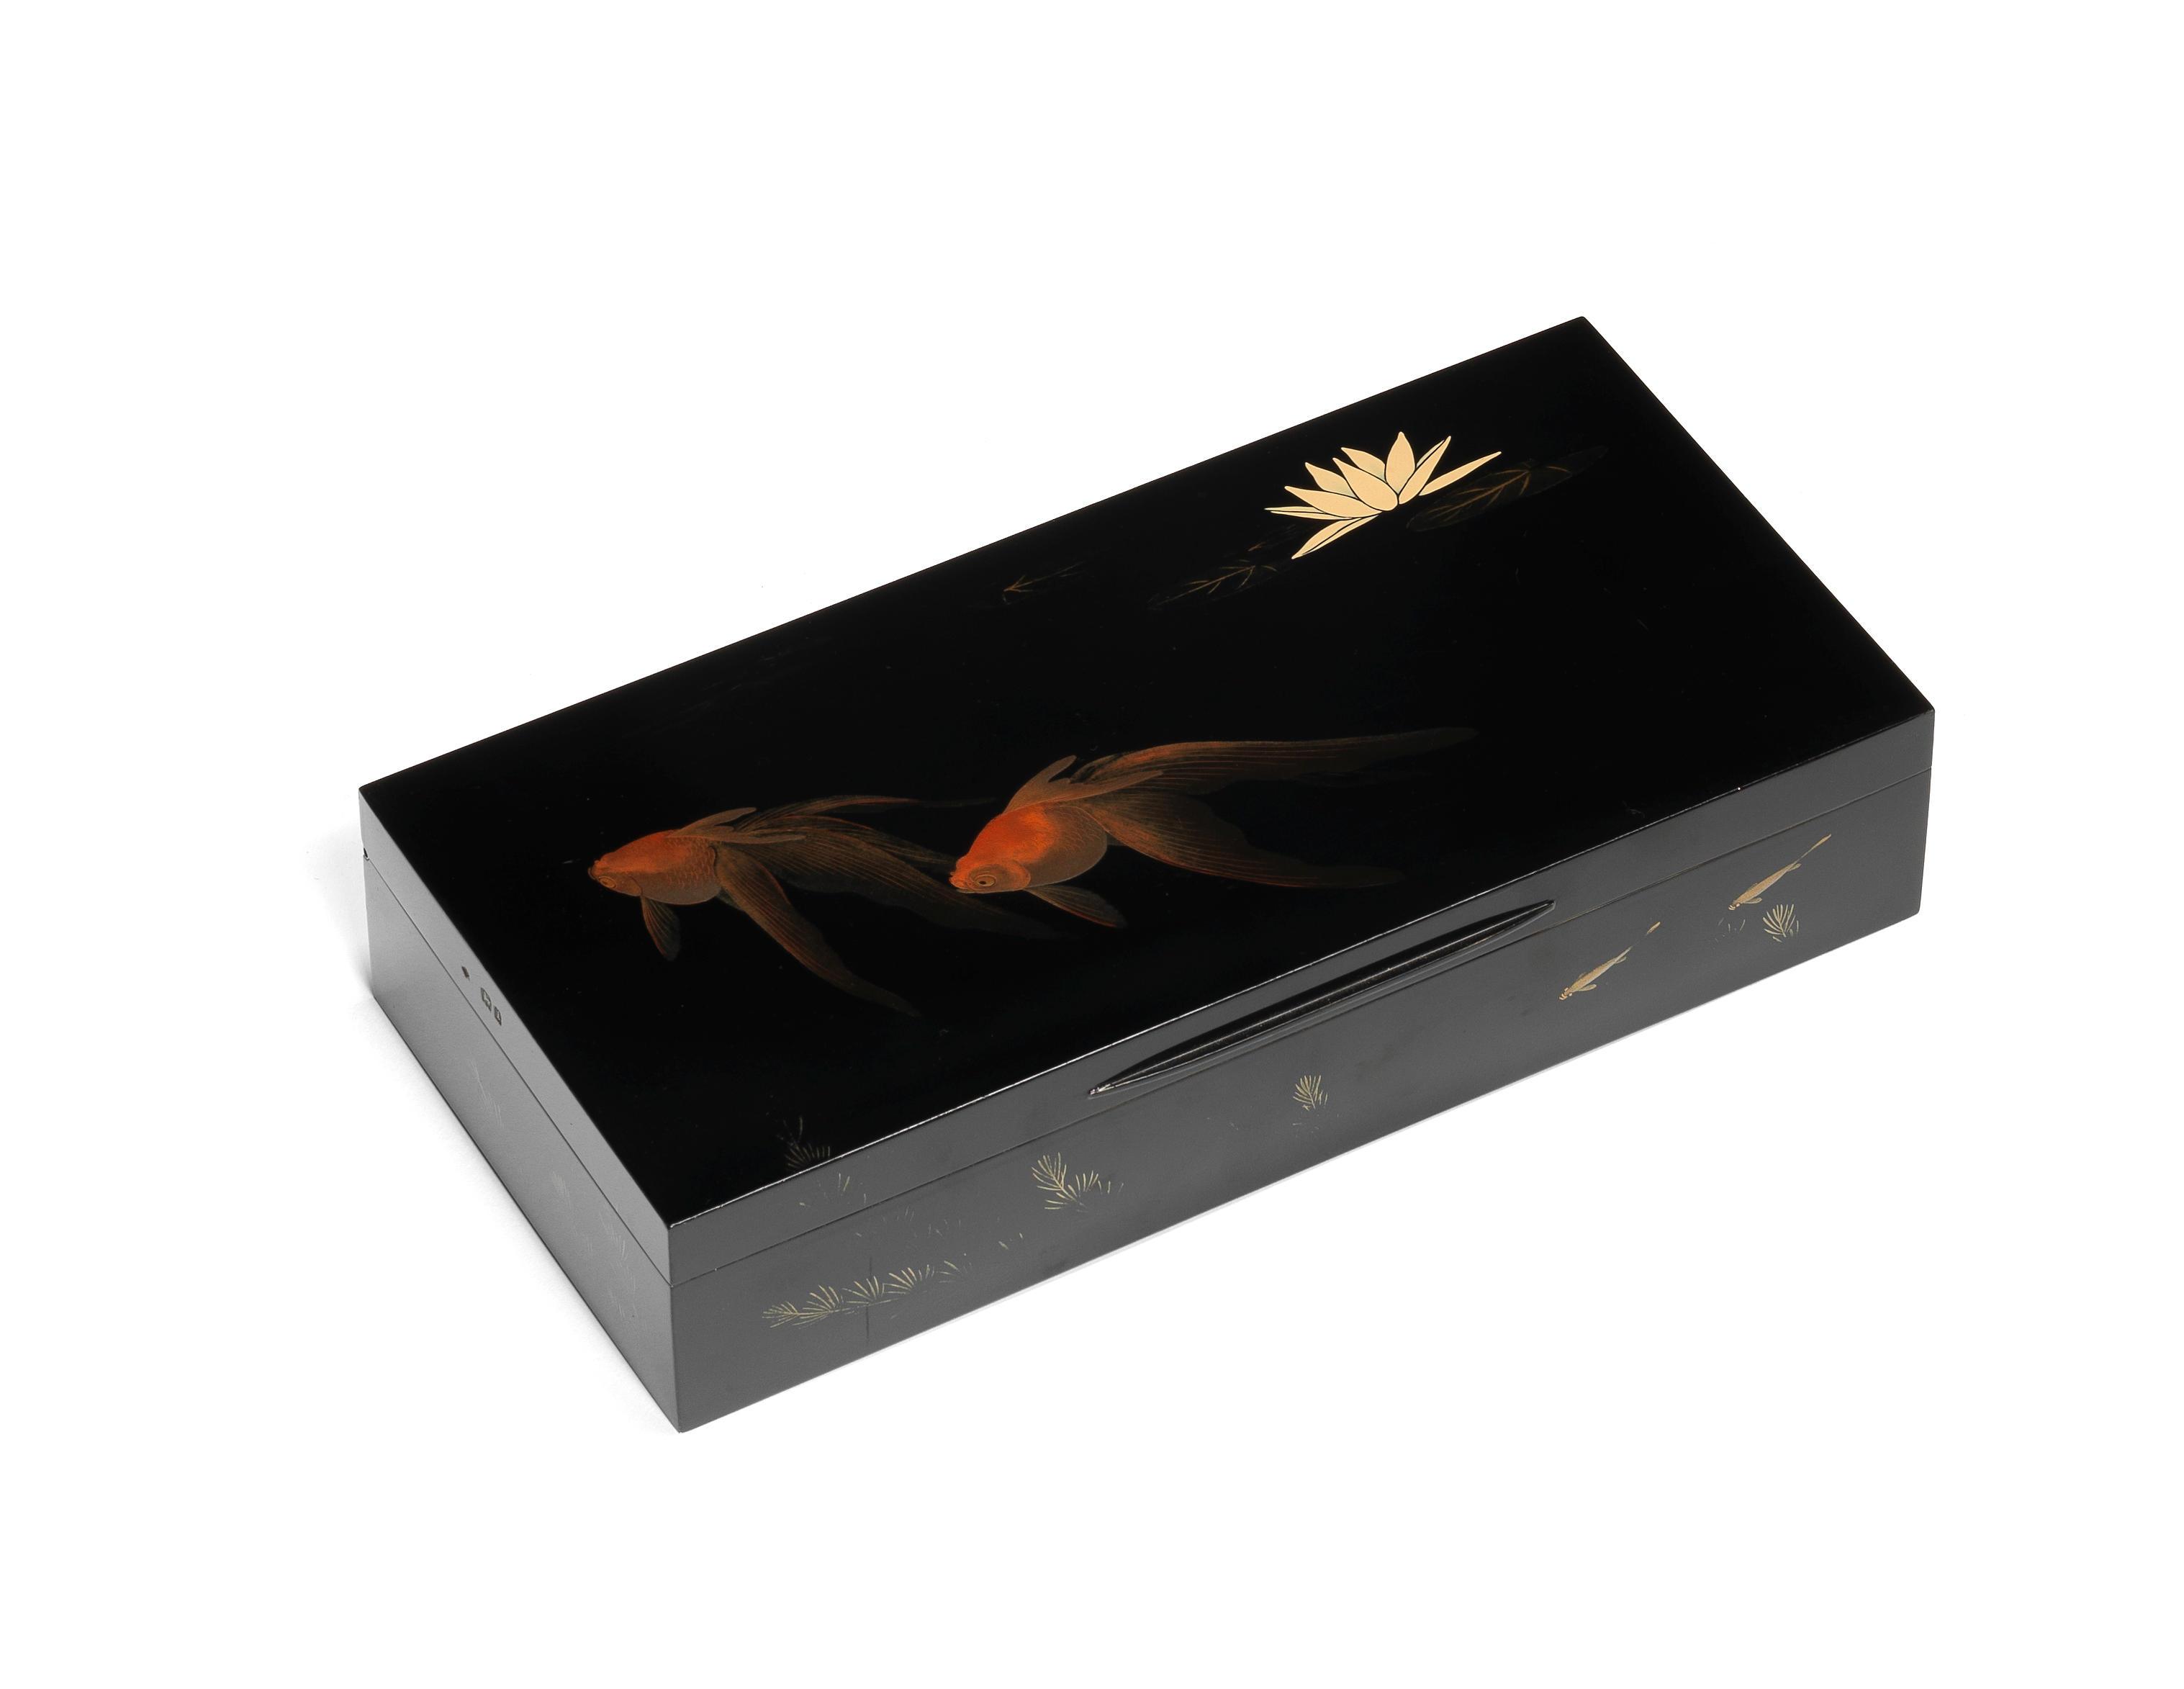 A black lacquer large cigarette box